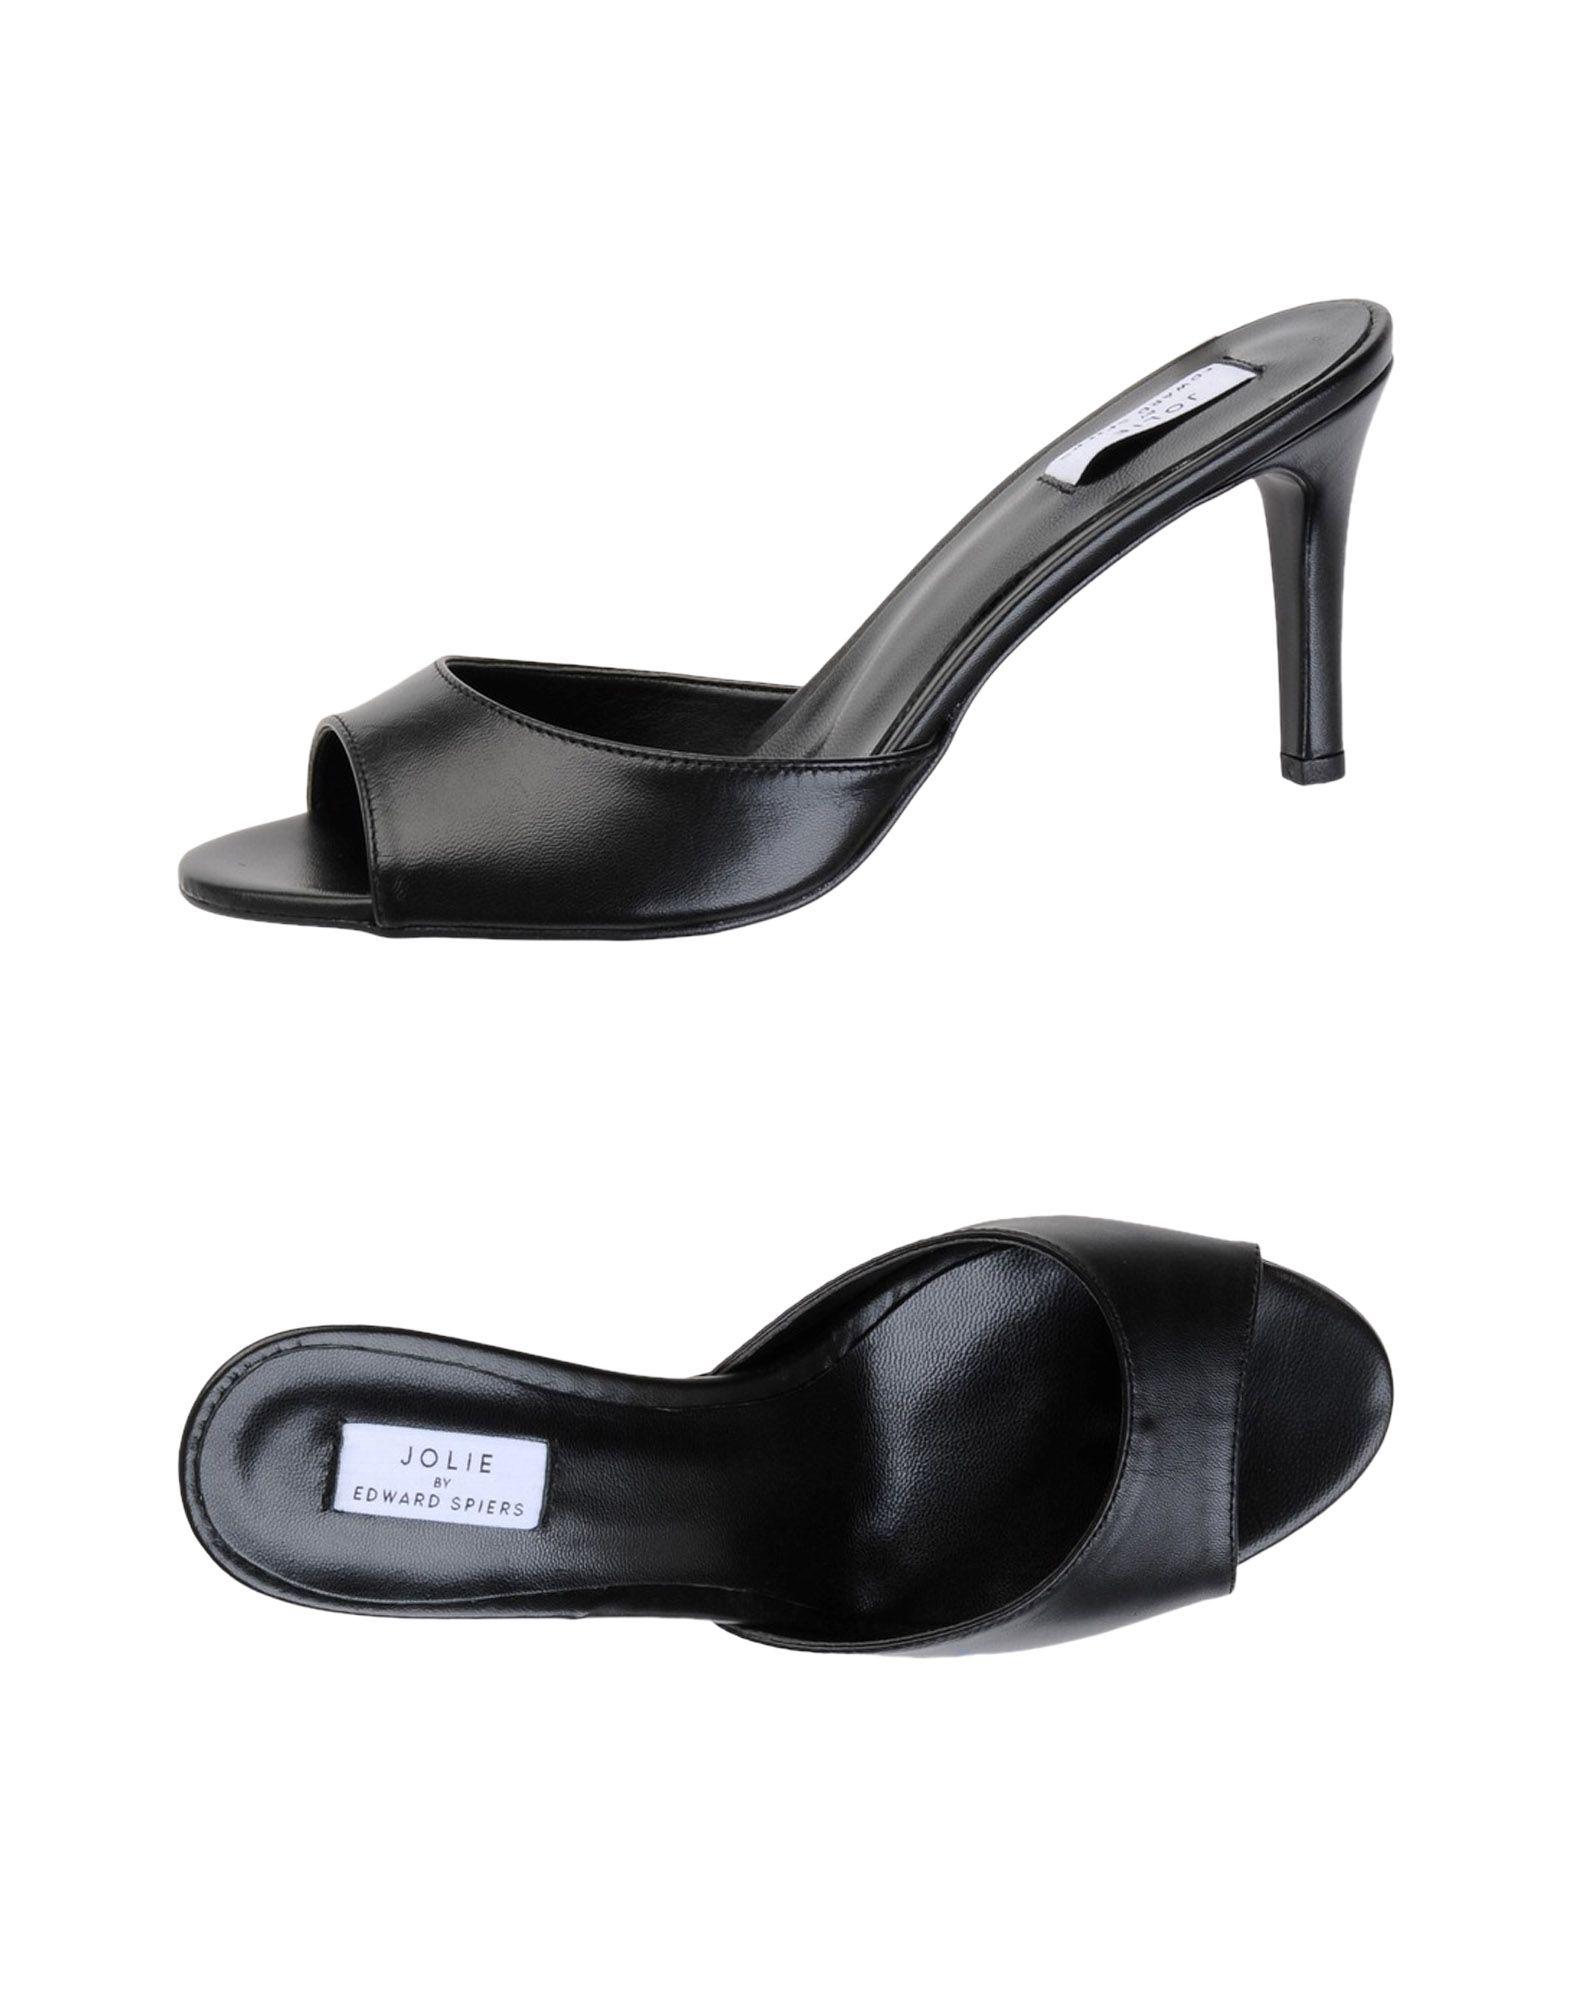 Jolie By Edward Spiers Sandals - Women Jolie By Edward  Spiers Sandals online on  Edward Canada - 11477714ID ea41a1